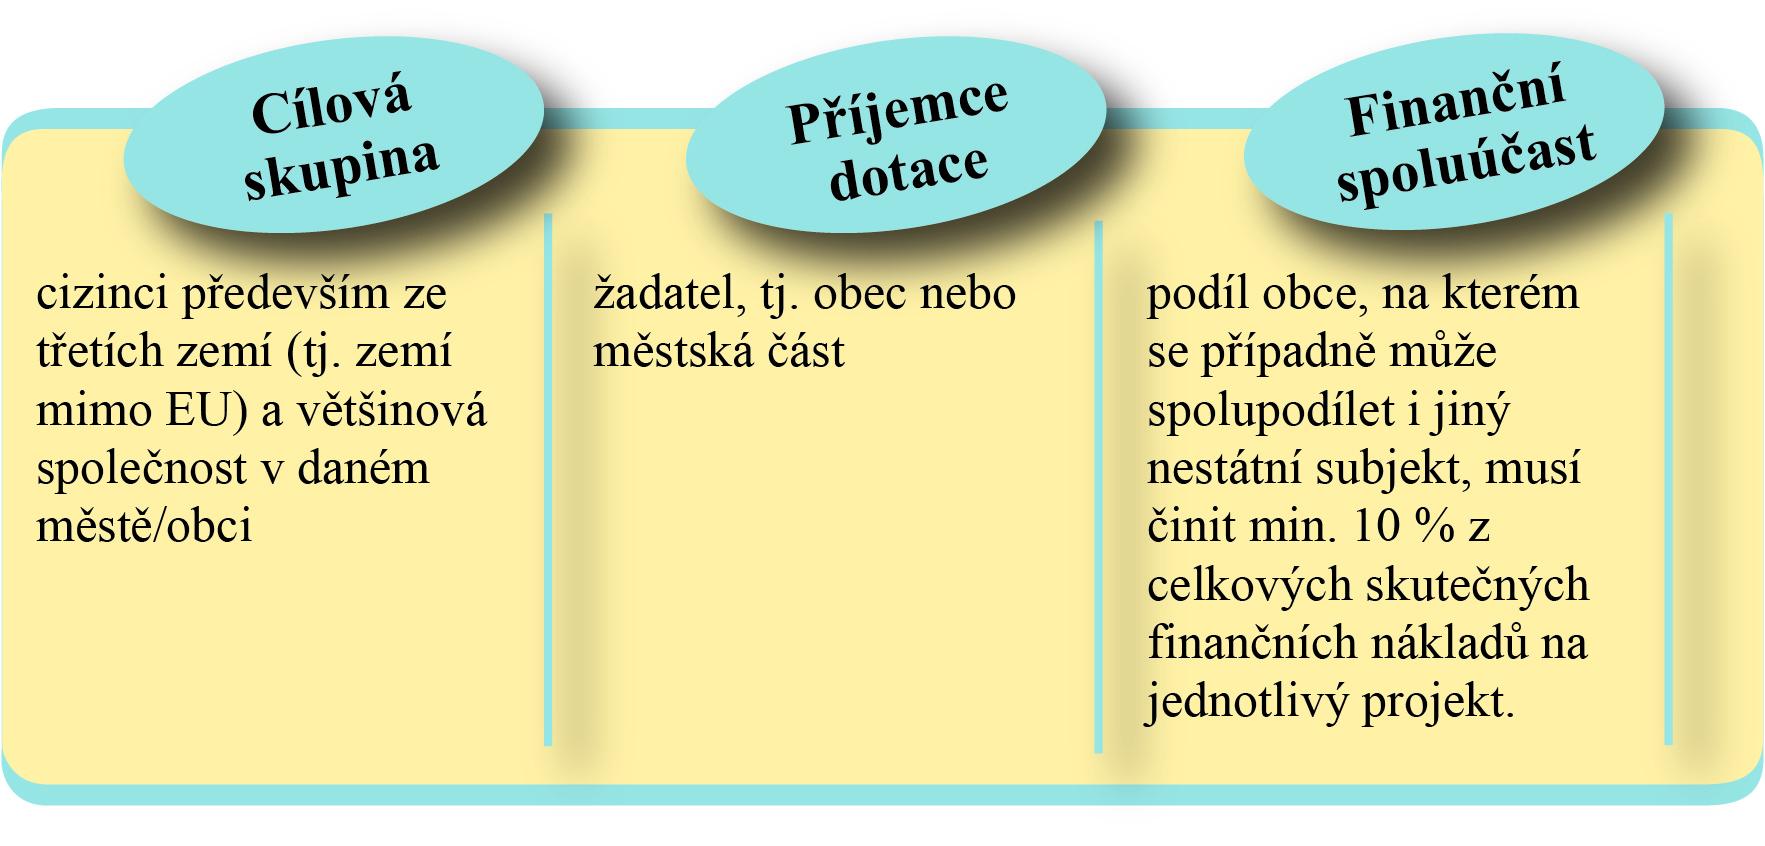 charakteristiky_projektu_1.jpg